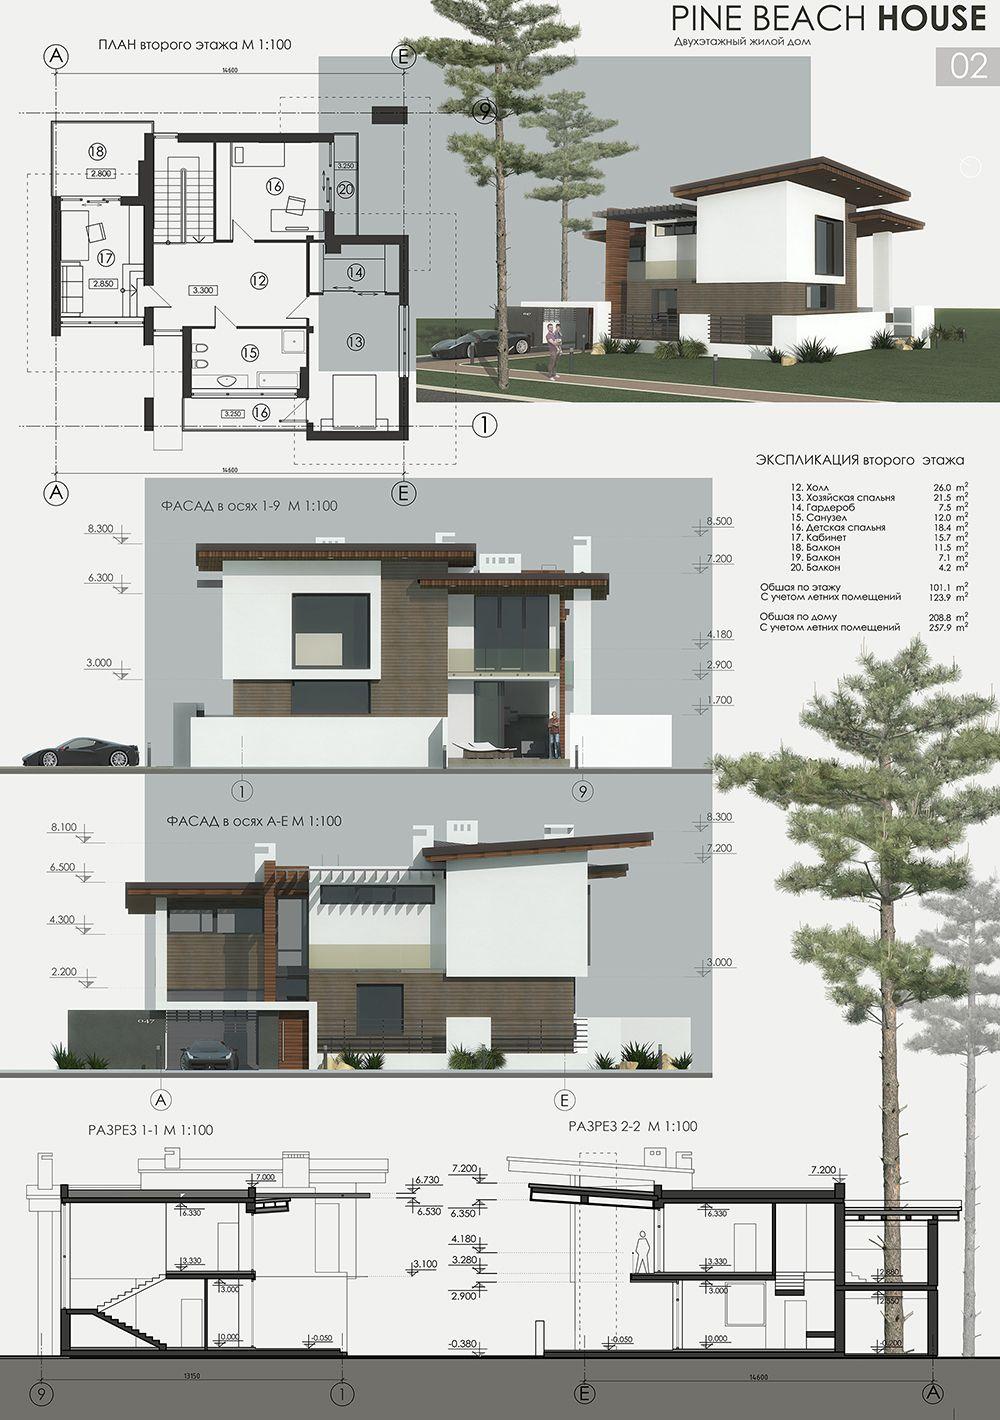 Fabuloso Apresentação projeto de Arquitetura | História | Pinterest  ZD02